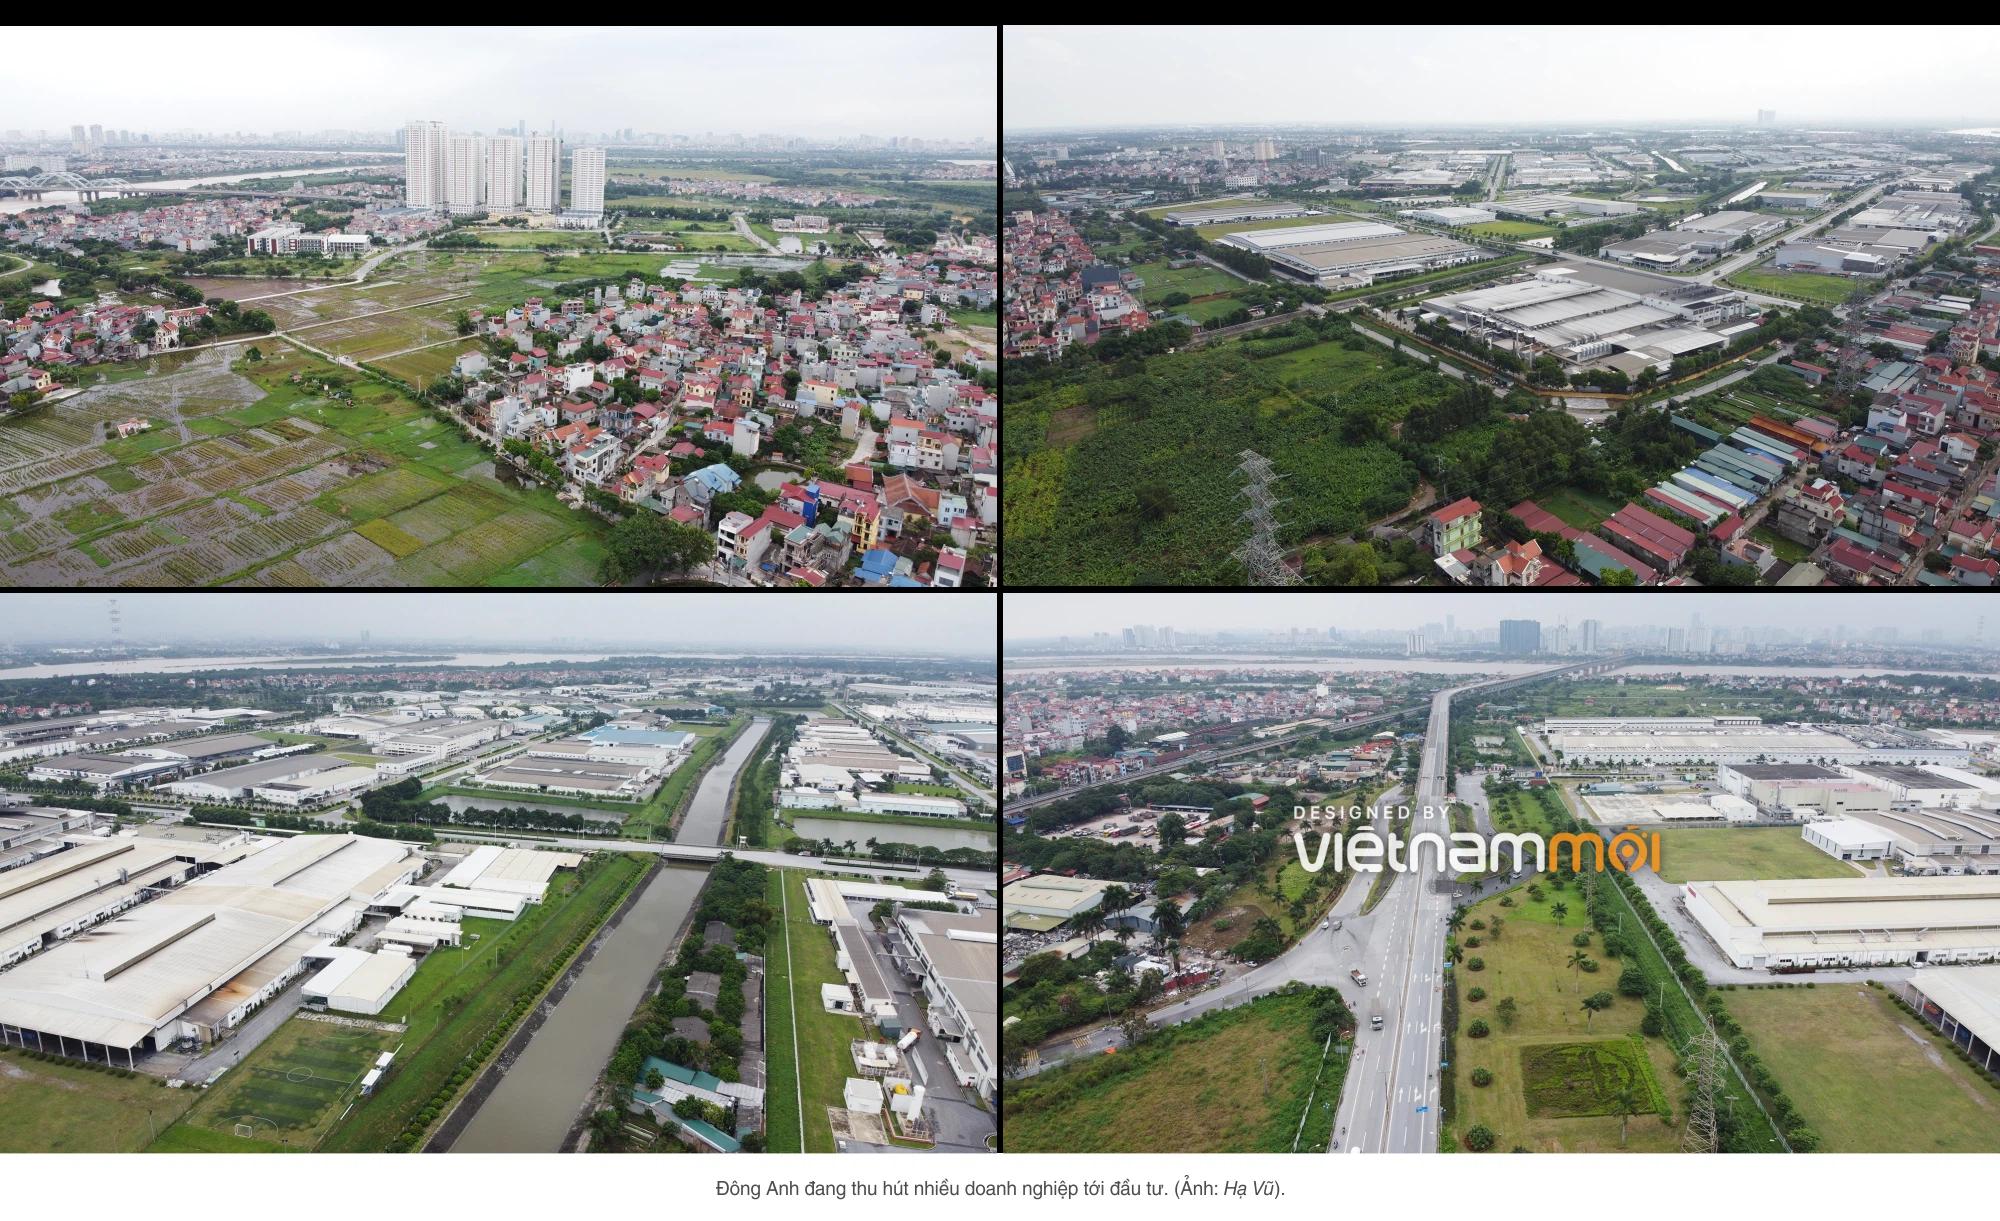 Loạt thông tin quy hoạch nên biết khi mua nhà đất ở Đông Anh, Hà Nội - Ảnh 5.